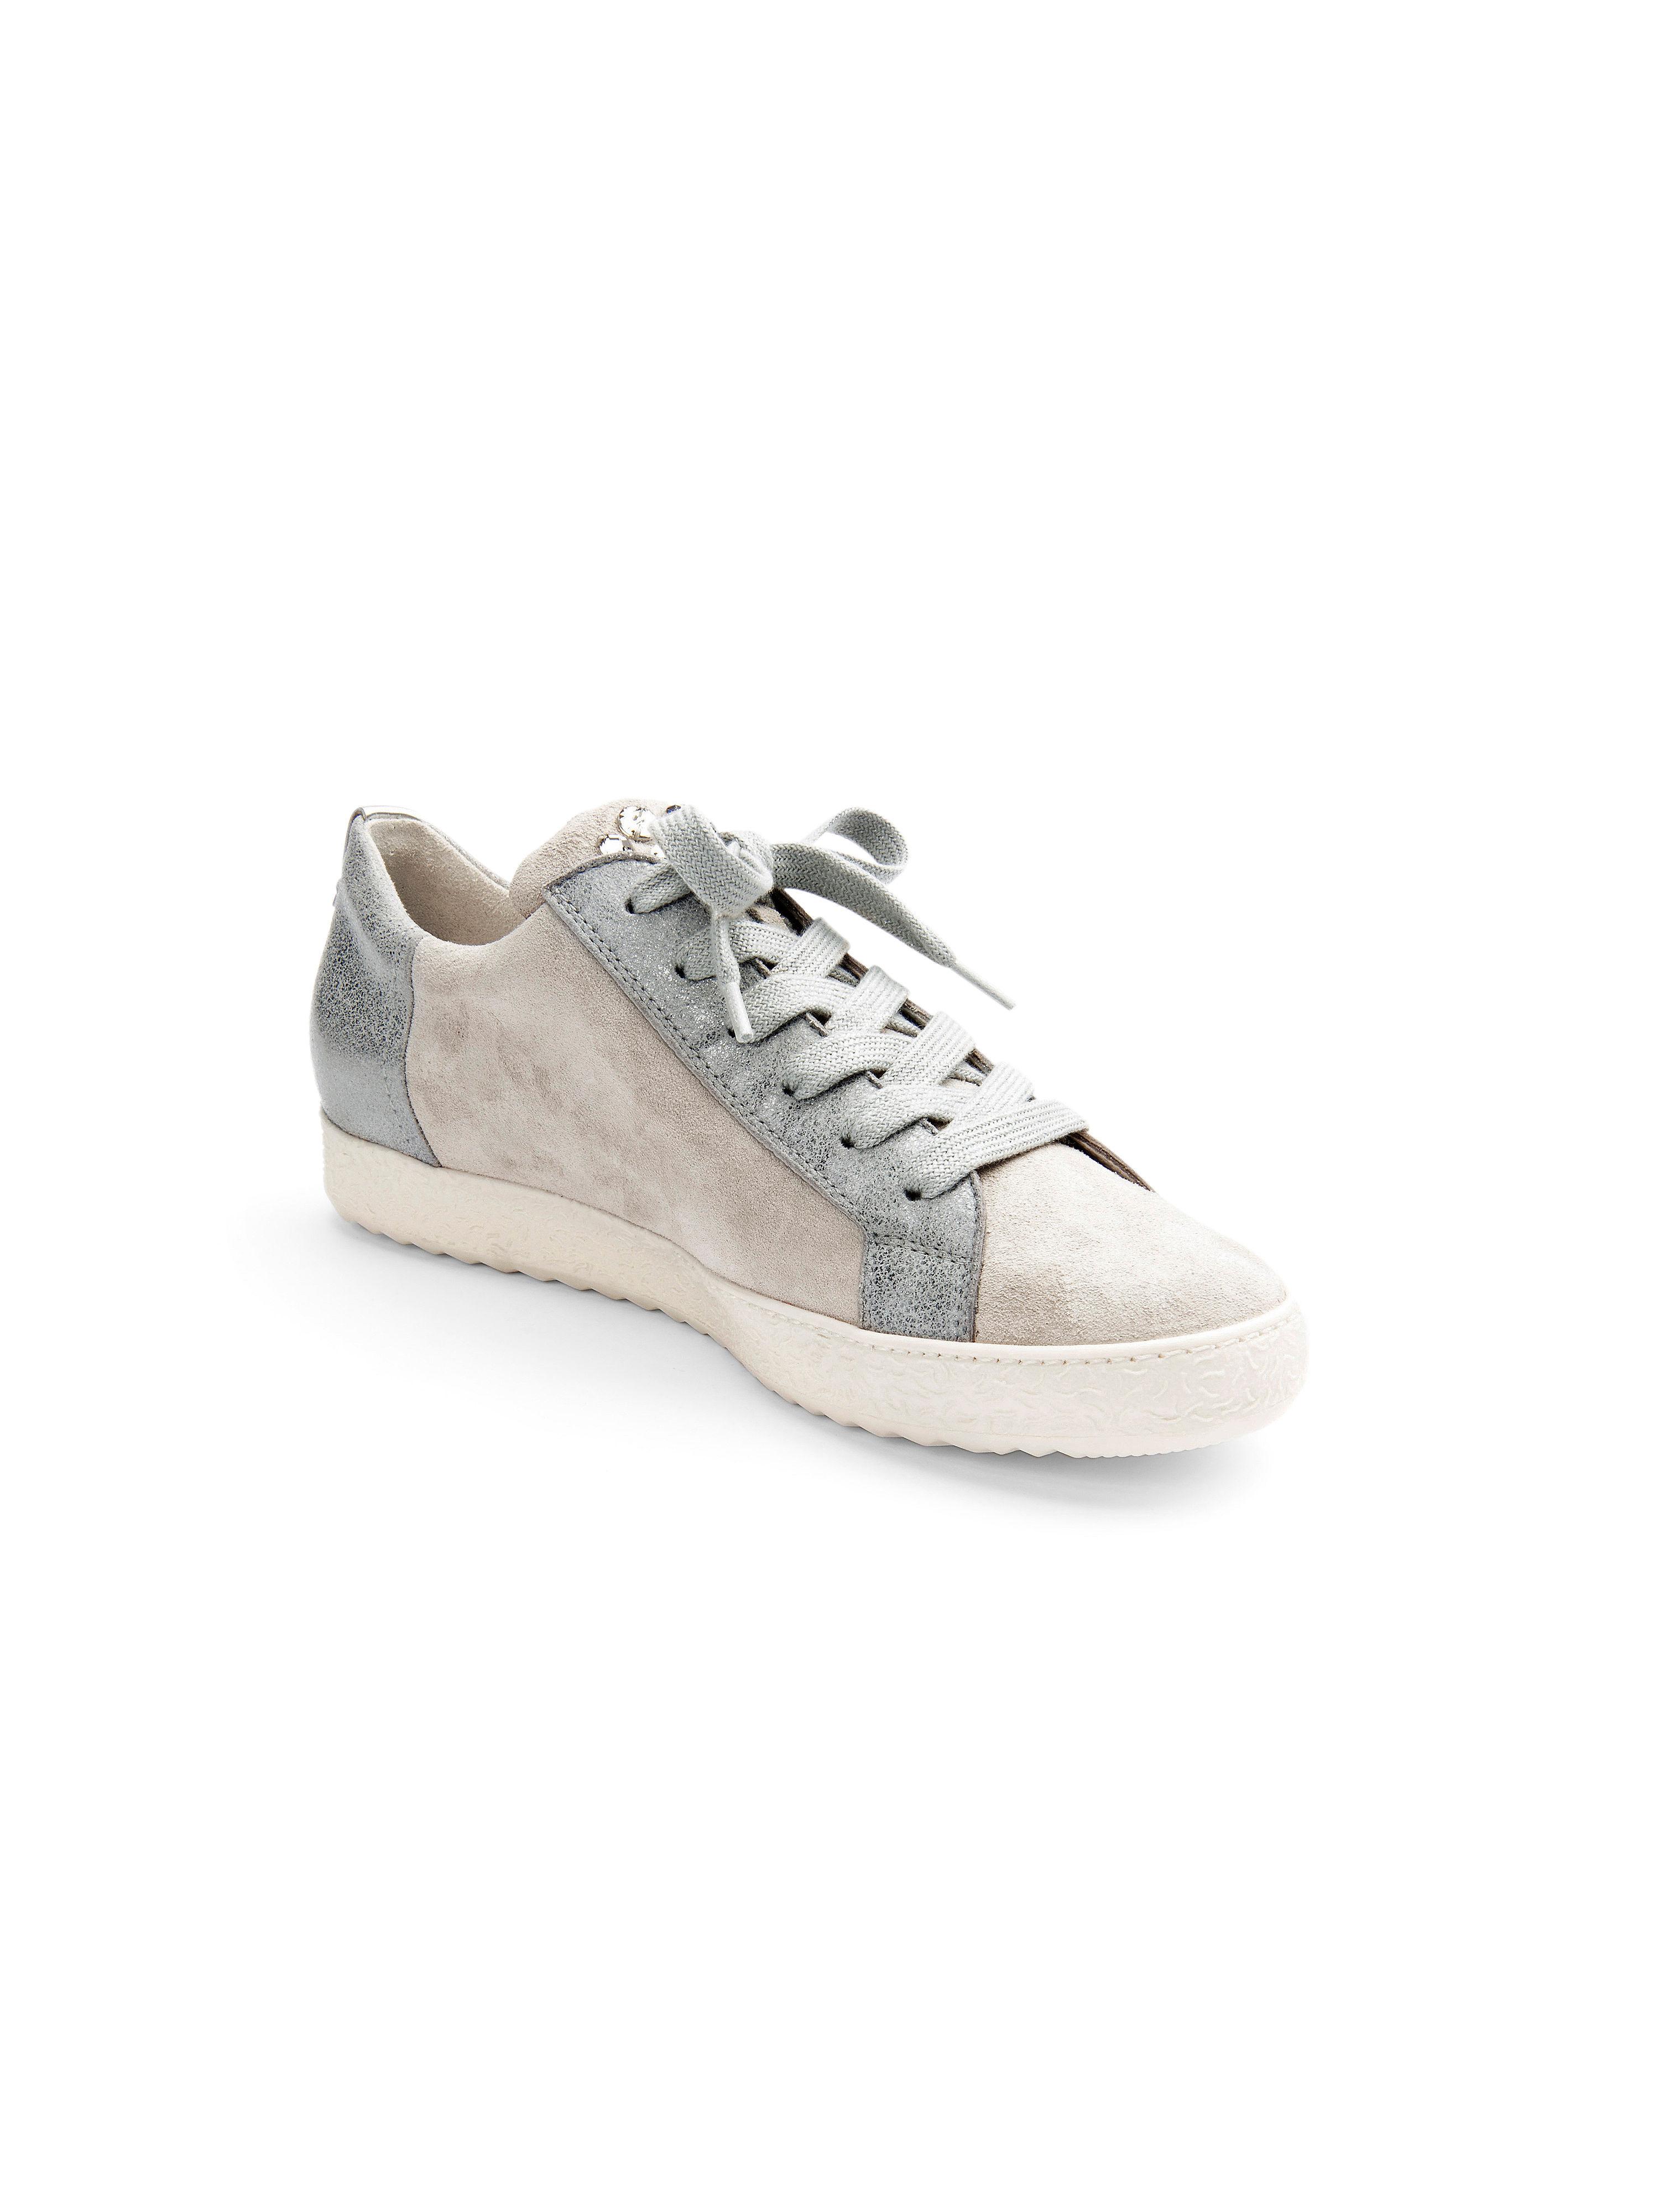 Paul Green - Sneaker - Stein/Silber Gute Qualität beliebte Schuhe